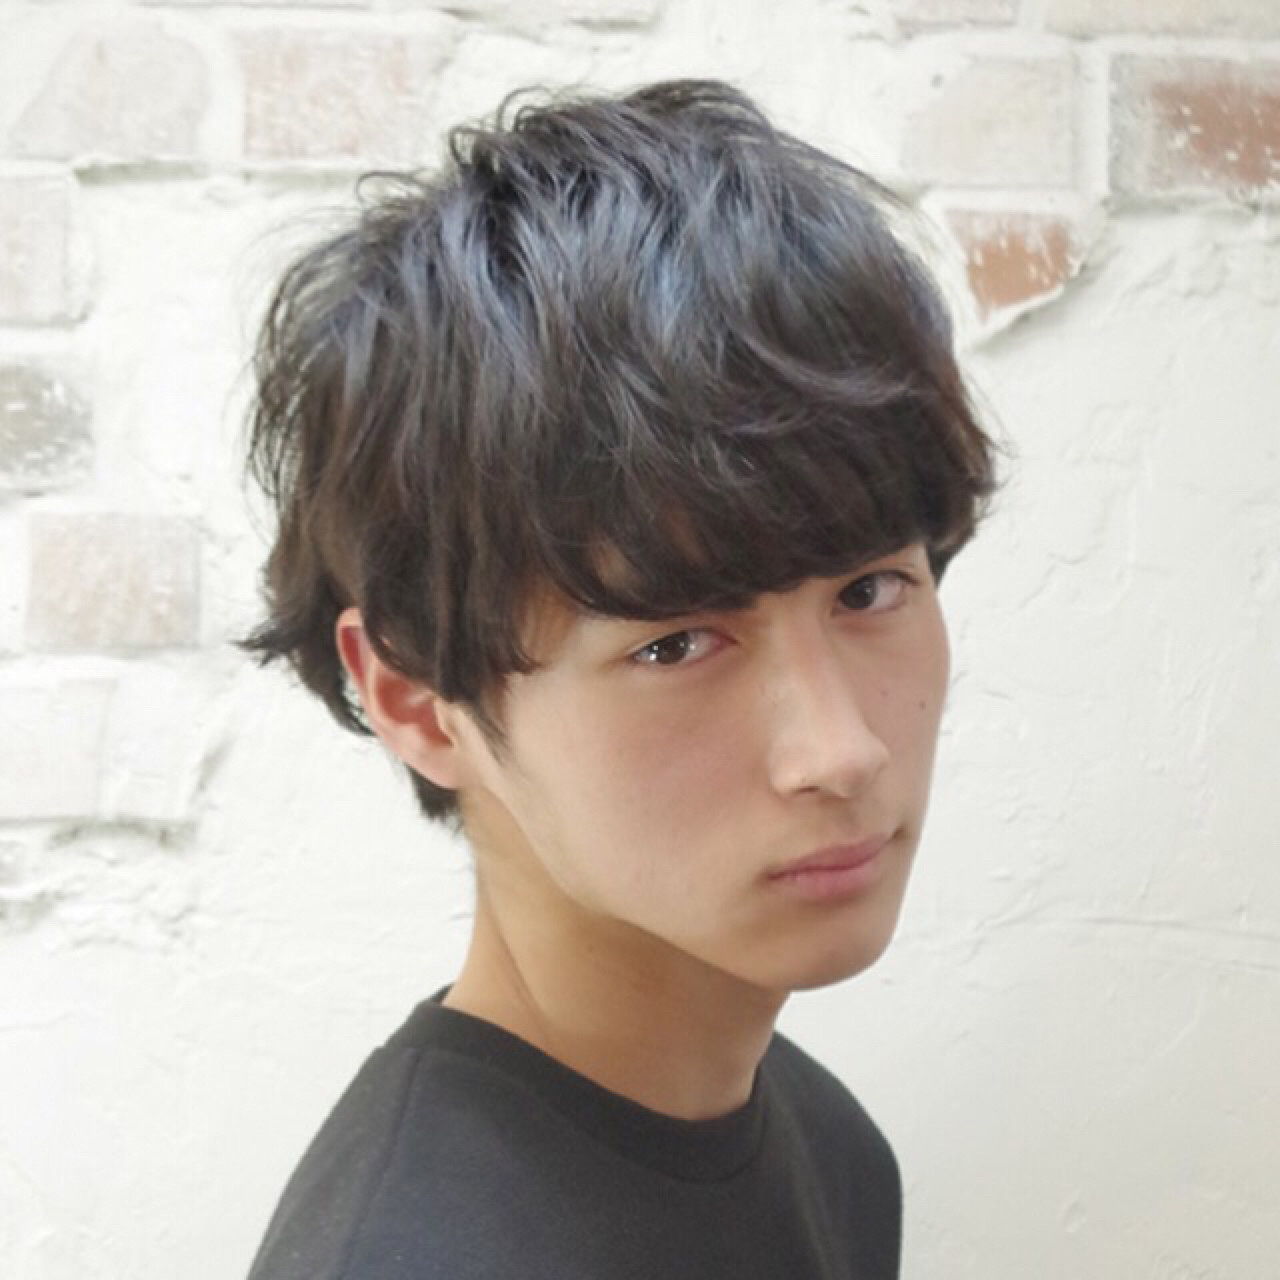 黒髪 ショート ナチュラル パーマ ヘアスタイルや髪型の写真・画像